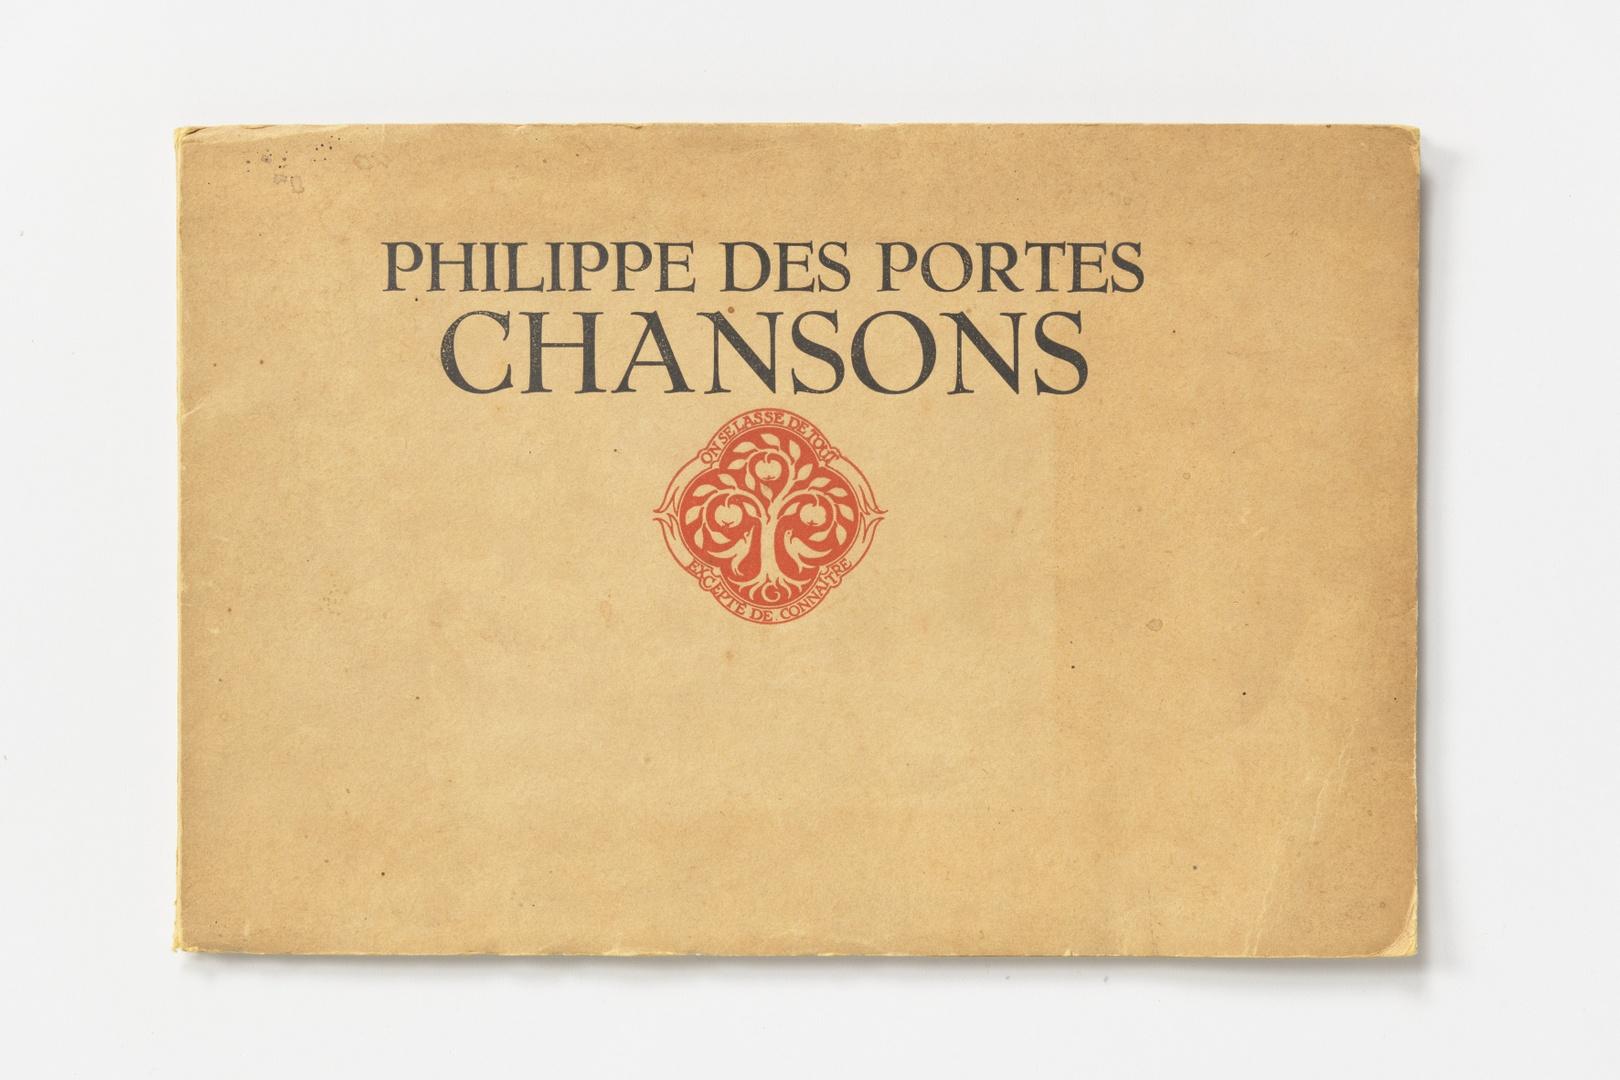 Chansons (Pour les Amis de René-Louis Doyon & Charles Nypels)